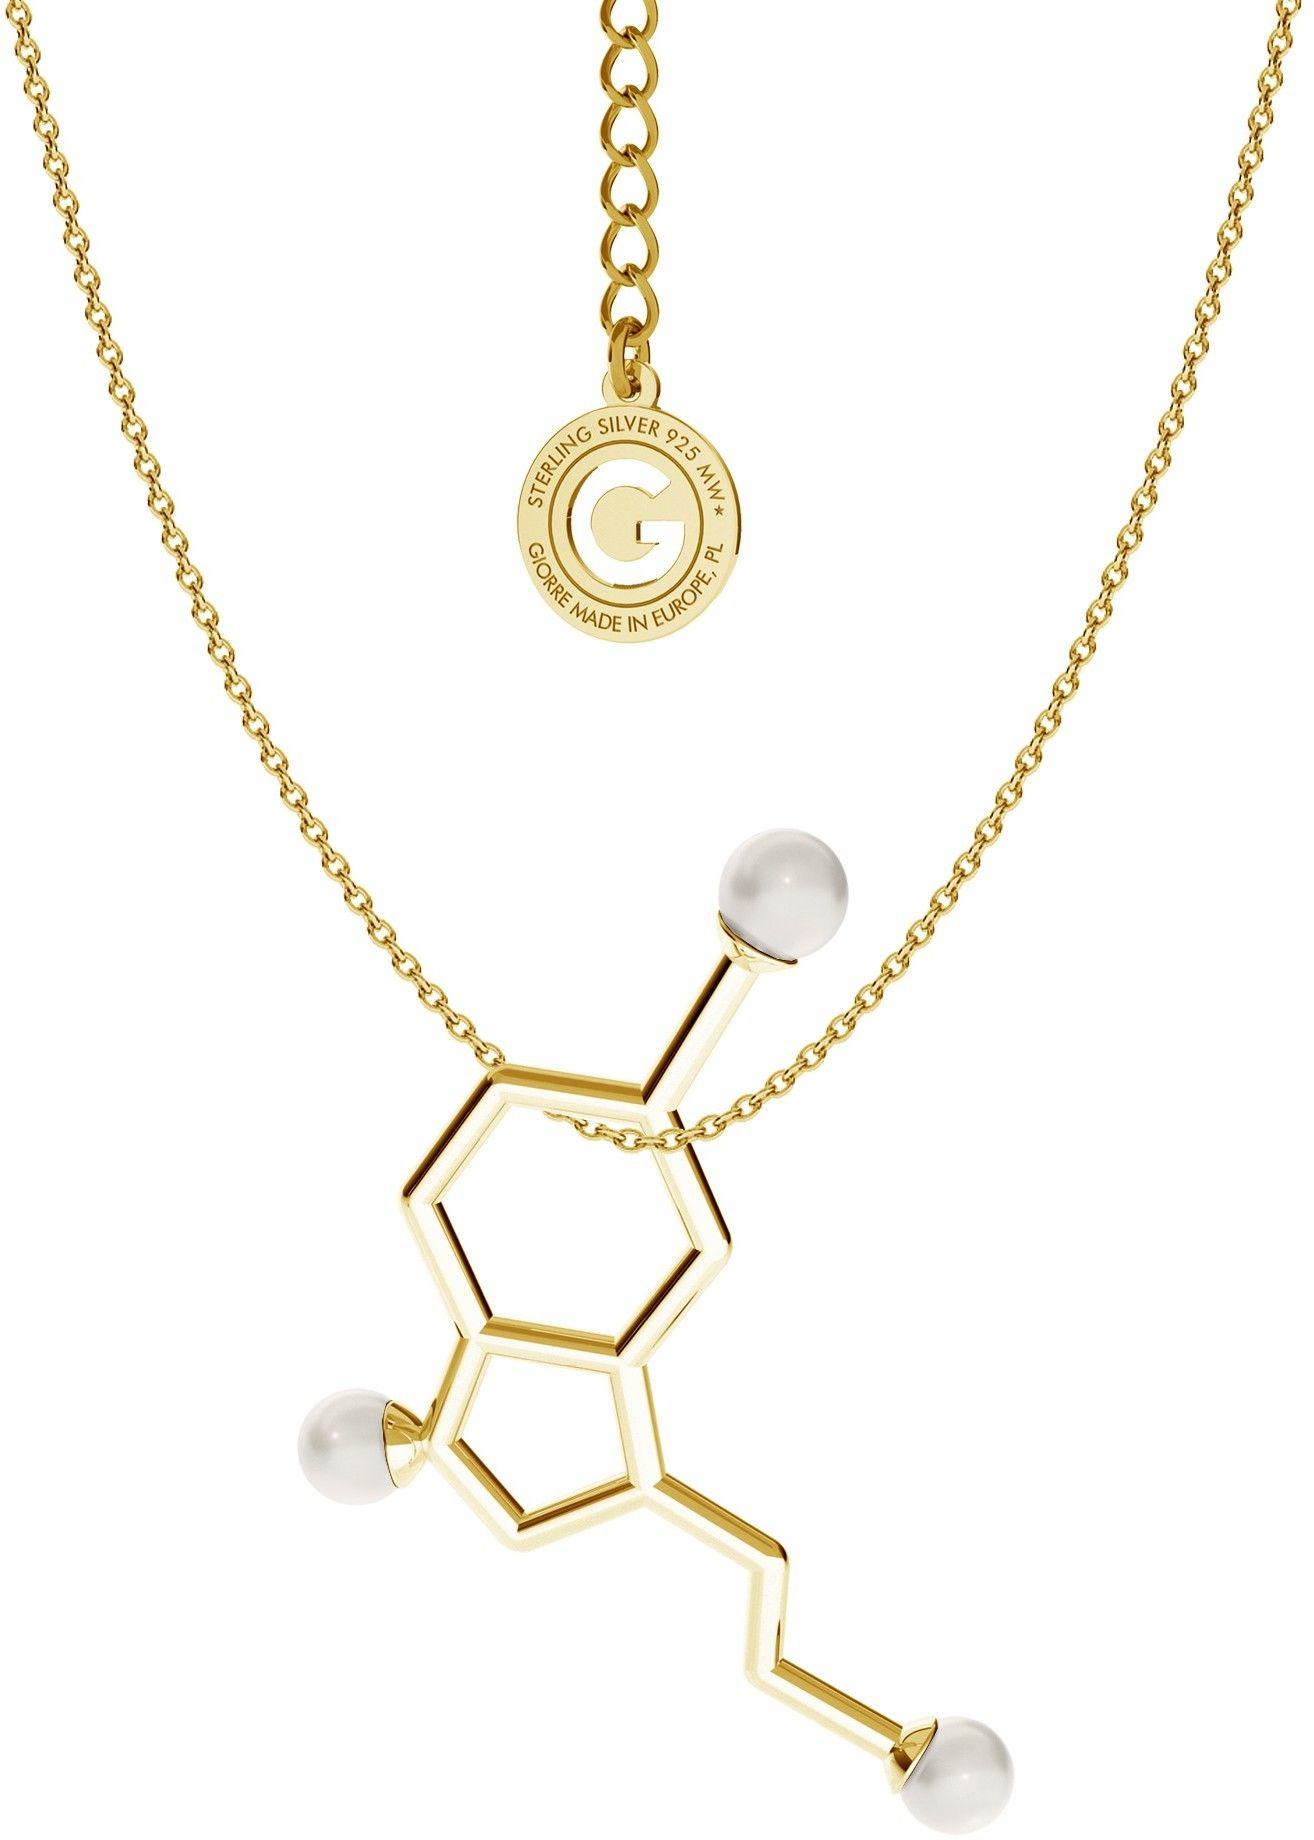 Srebrny naszyjnik - serotonina z małymi perłami Swarovskiego, wzór chemiczny, srebro 925 : Perła - kolory - SWAROVSKI WHITE, Srebro - kolor pokrycia - Pokrycie platyną